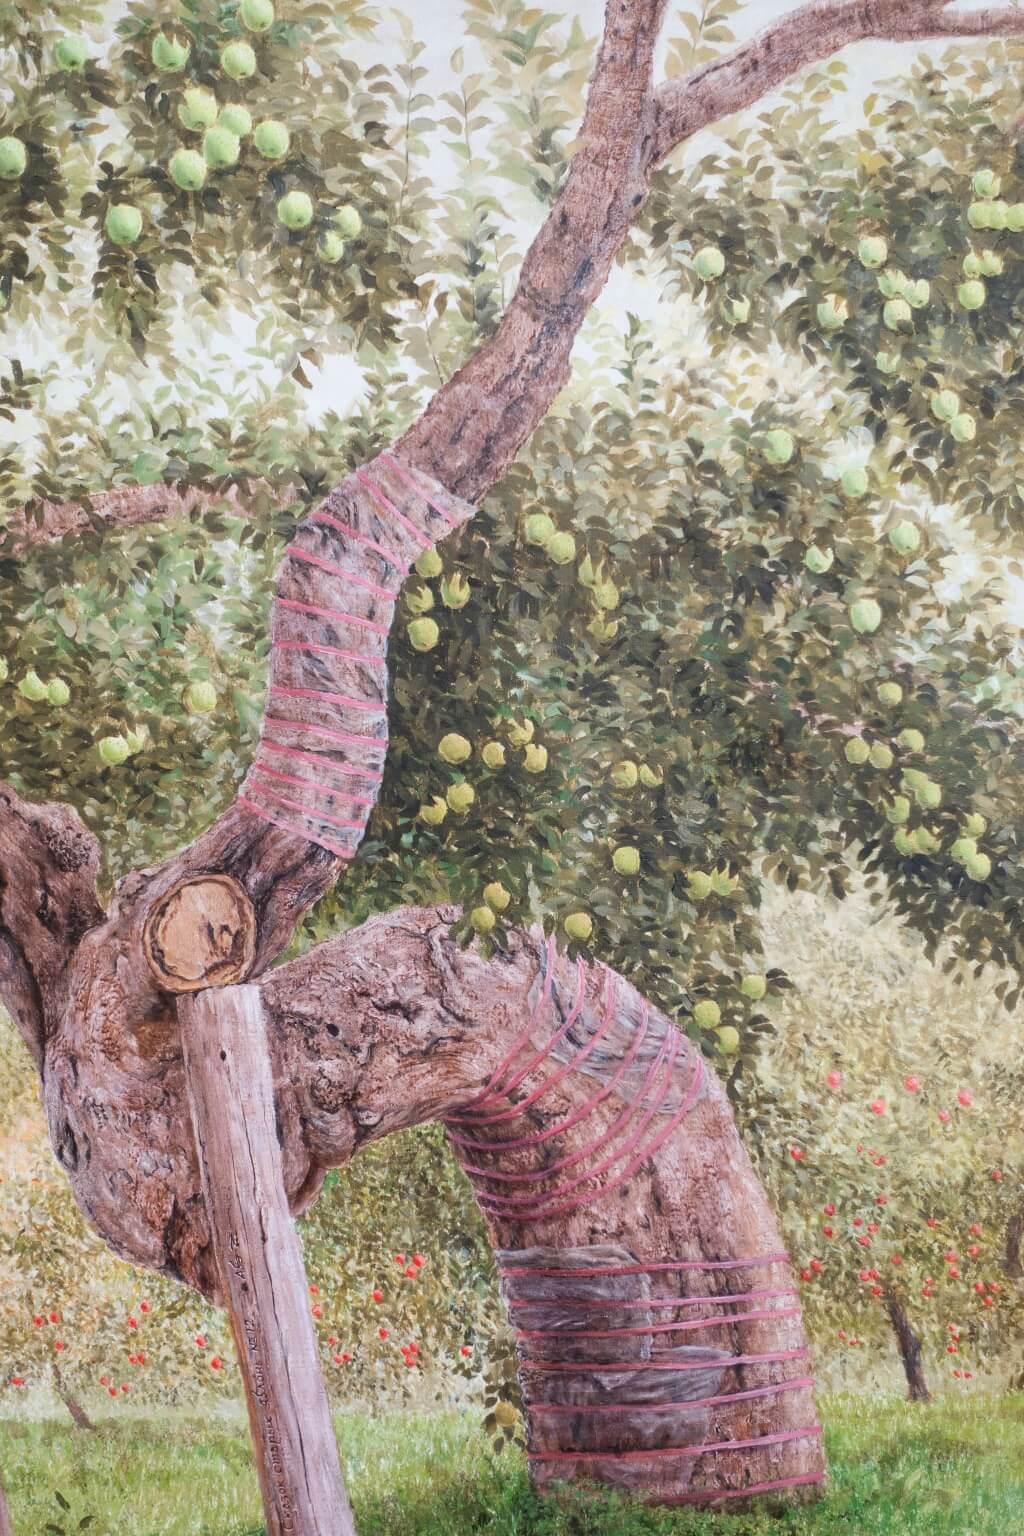 這裏收藏了畫像,記錄了其中一棵最老的蘋果樹,其樹齡長達一百三十多年。據所長說部分樹幹已被侵蝕得空心了,所以要加支架鞏固。